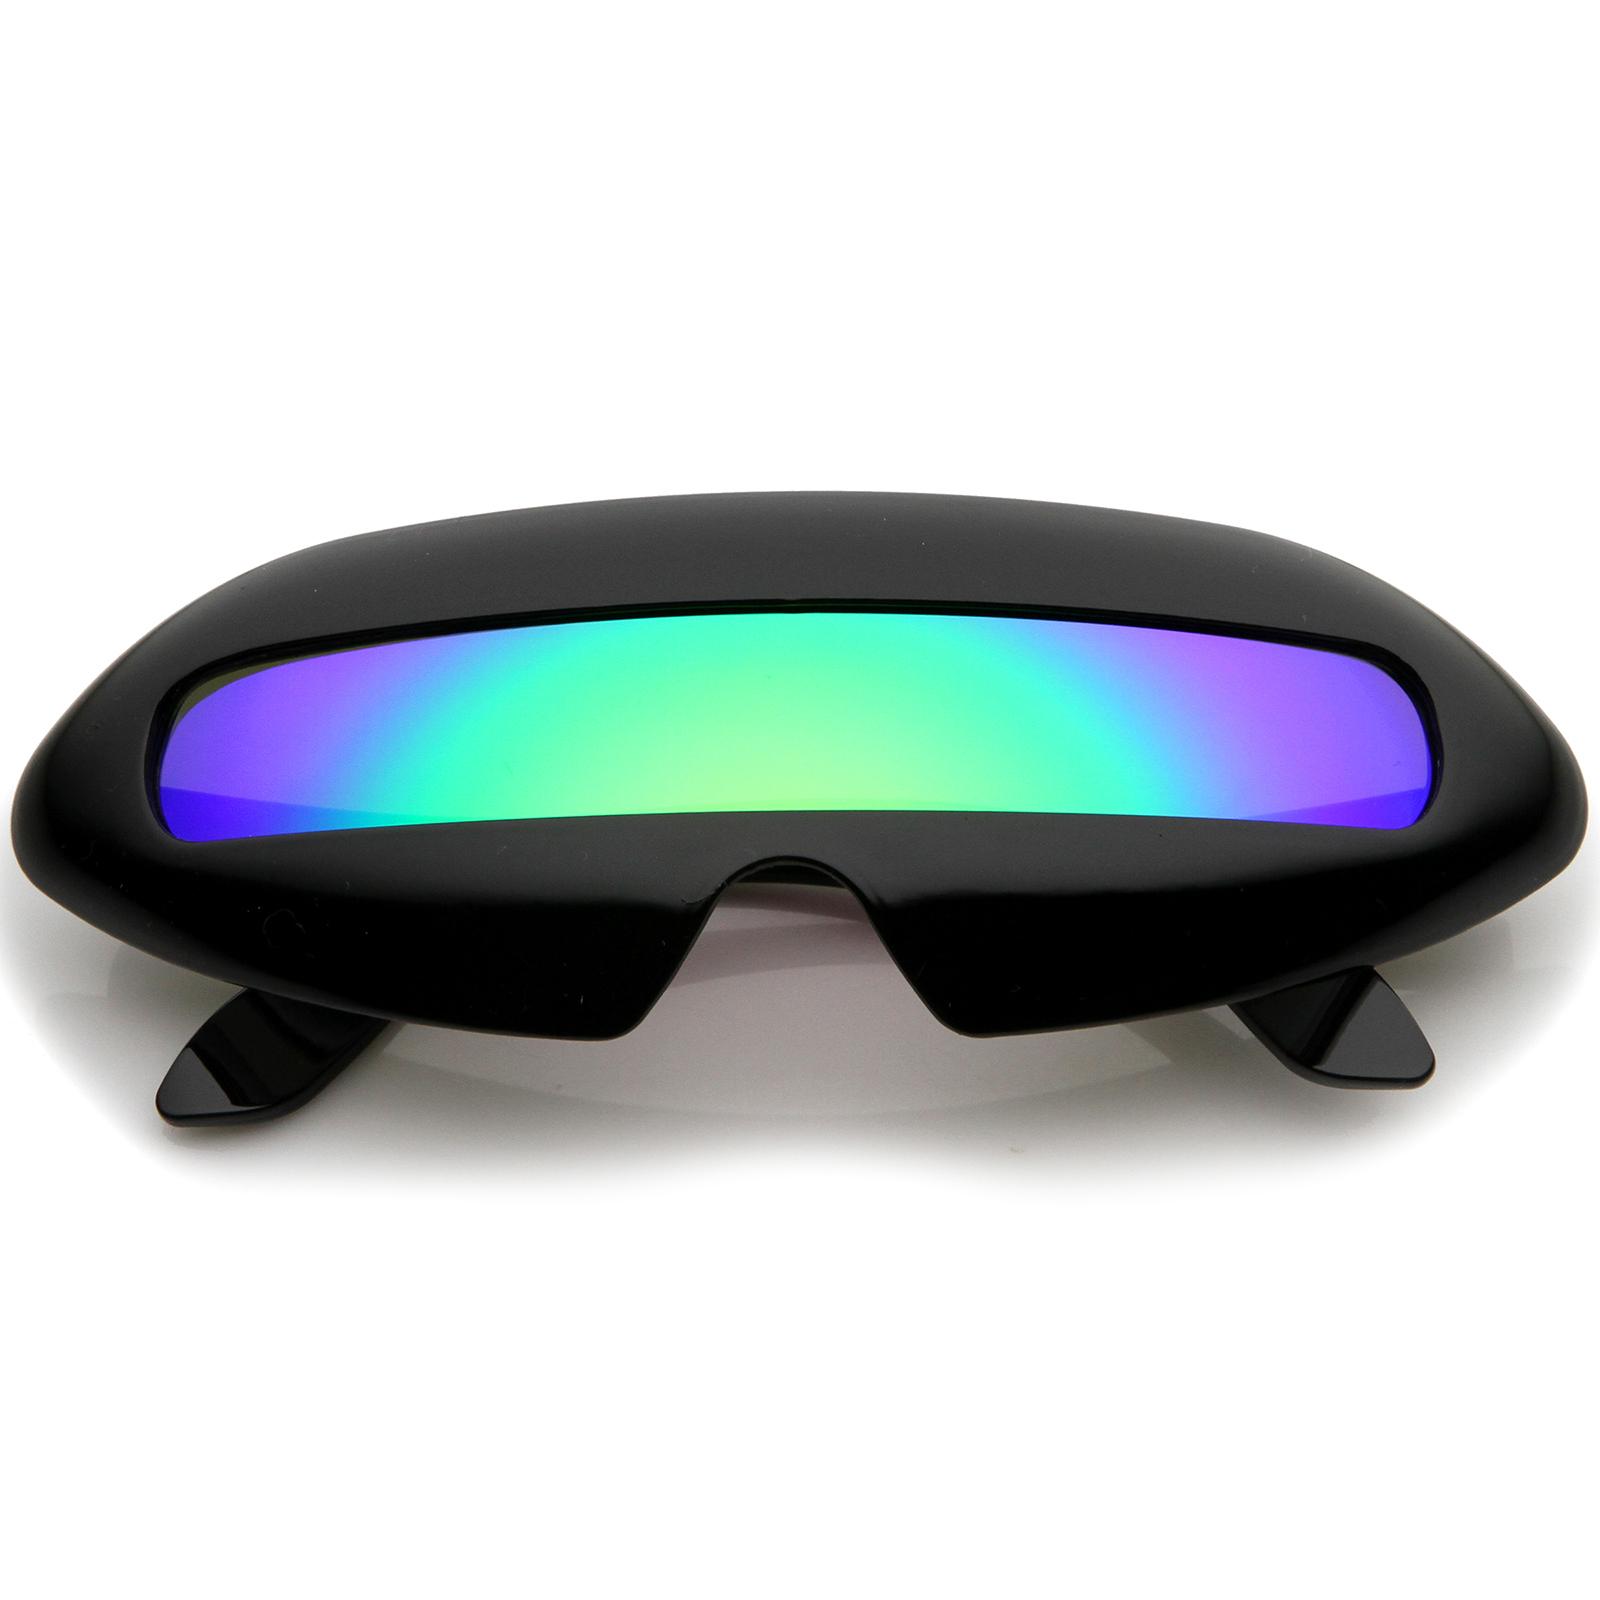 cf4da4cd144b Cyclops Video Glasses. Home → Cyclops Video Glasses. Futuristic narrow  glasses